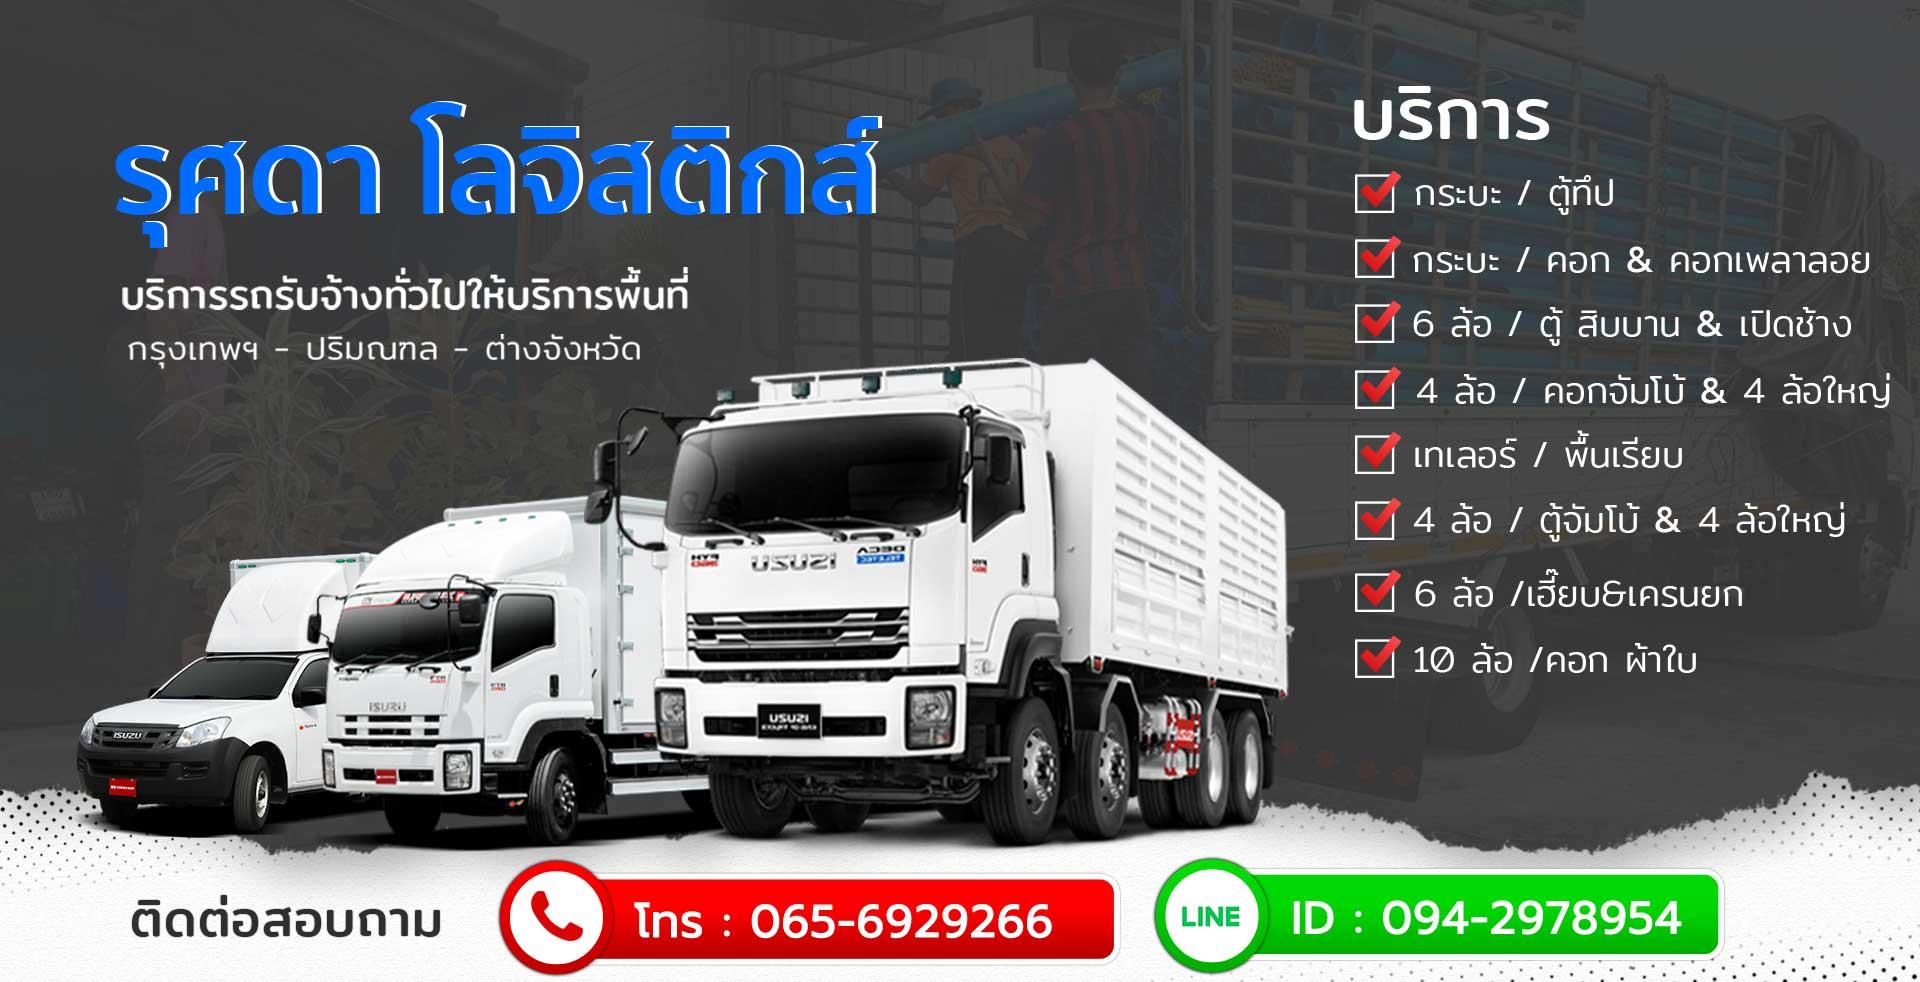 หจก. รุศดาขนส่ง บริการรถรับจ้าง 6 ล้อ, รถกระบะรับจ้างทั่วราชอาณาจักรไทย